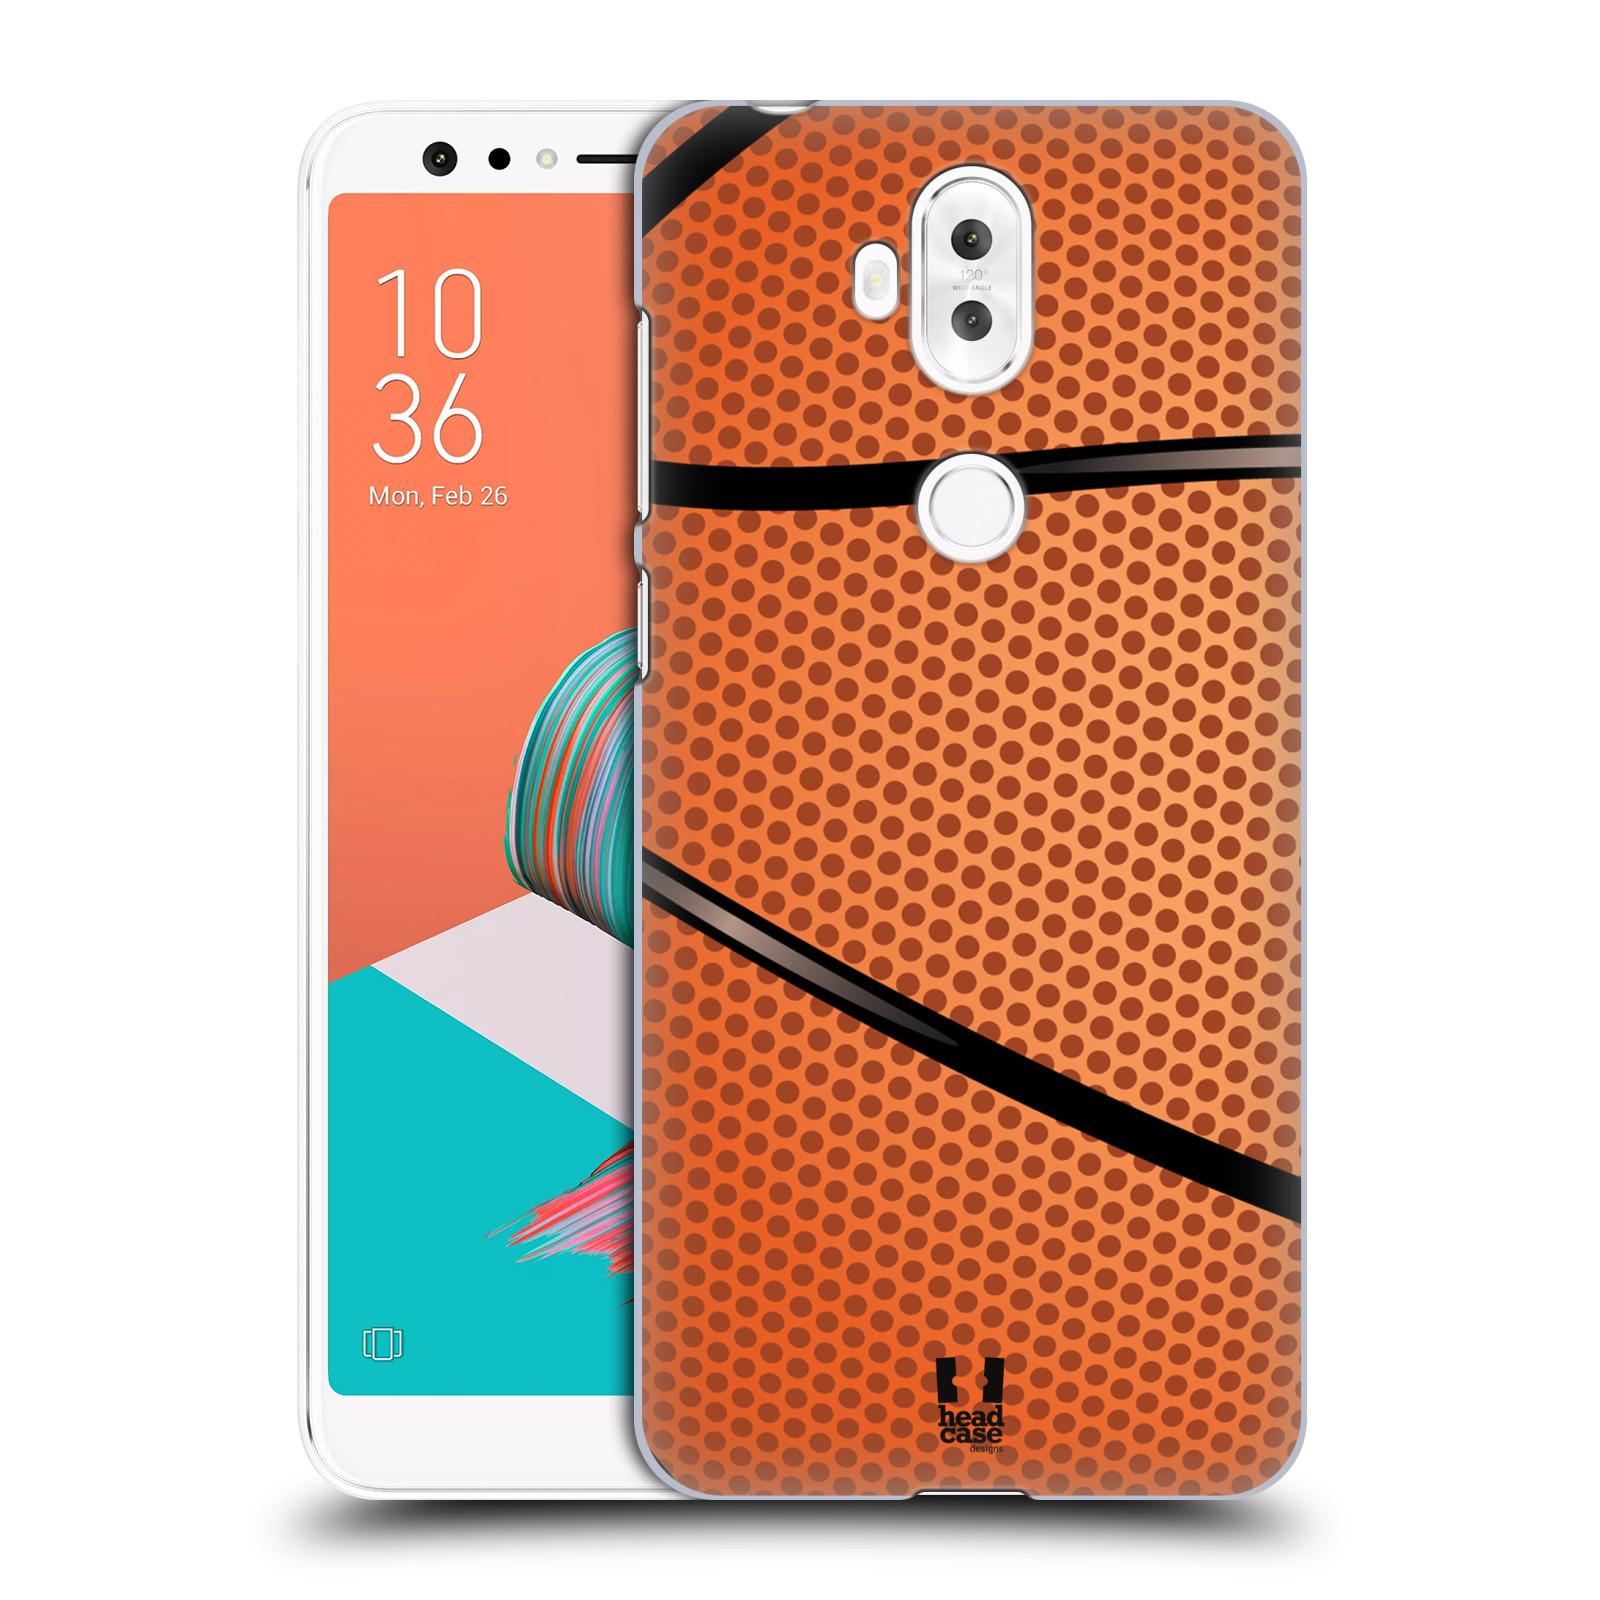 Plastové pouzdro na mobil Asus ZenFone 5 Lite ZC600KL - Head Case - BASKEŤÁK (Plastový kryt či obal na mobilní telefon Asus ZenFone 5 Lite (ZC600KL) s motivem BASKEŤÁK)